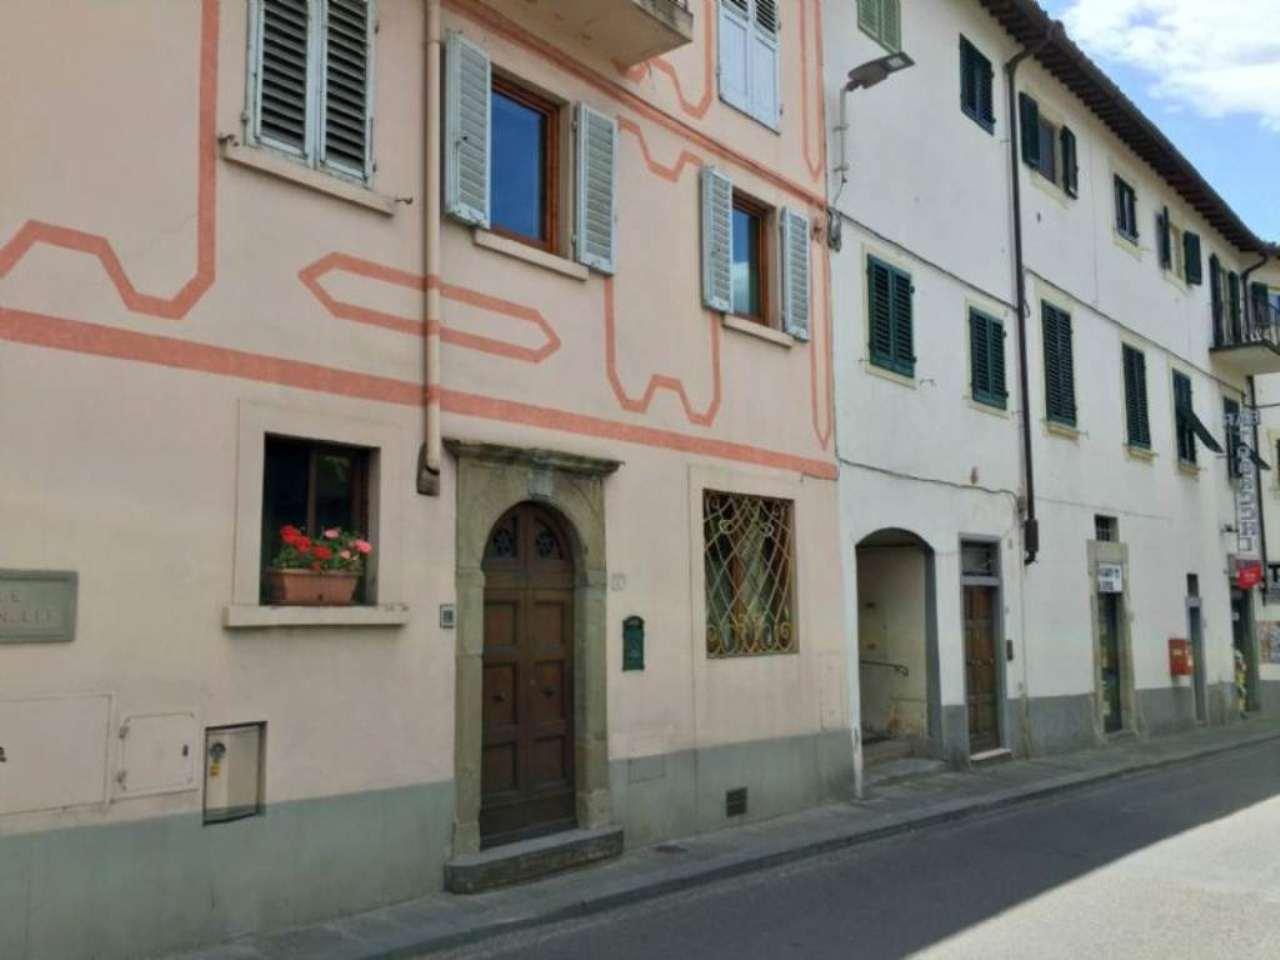 Palazzo / Stabile in vendita a Fiesole, 9 locali, prezzo € 700.000 | Cambio Casa.it